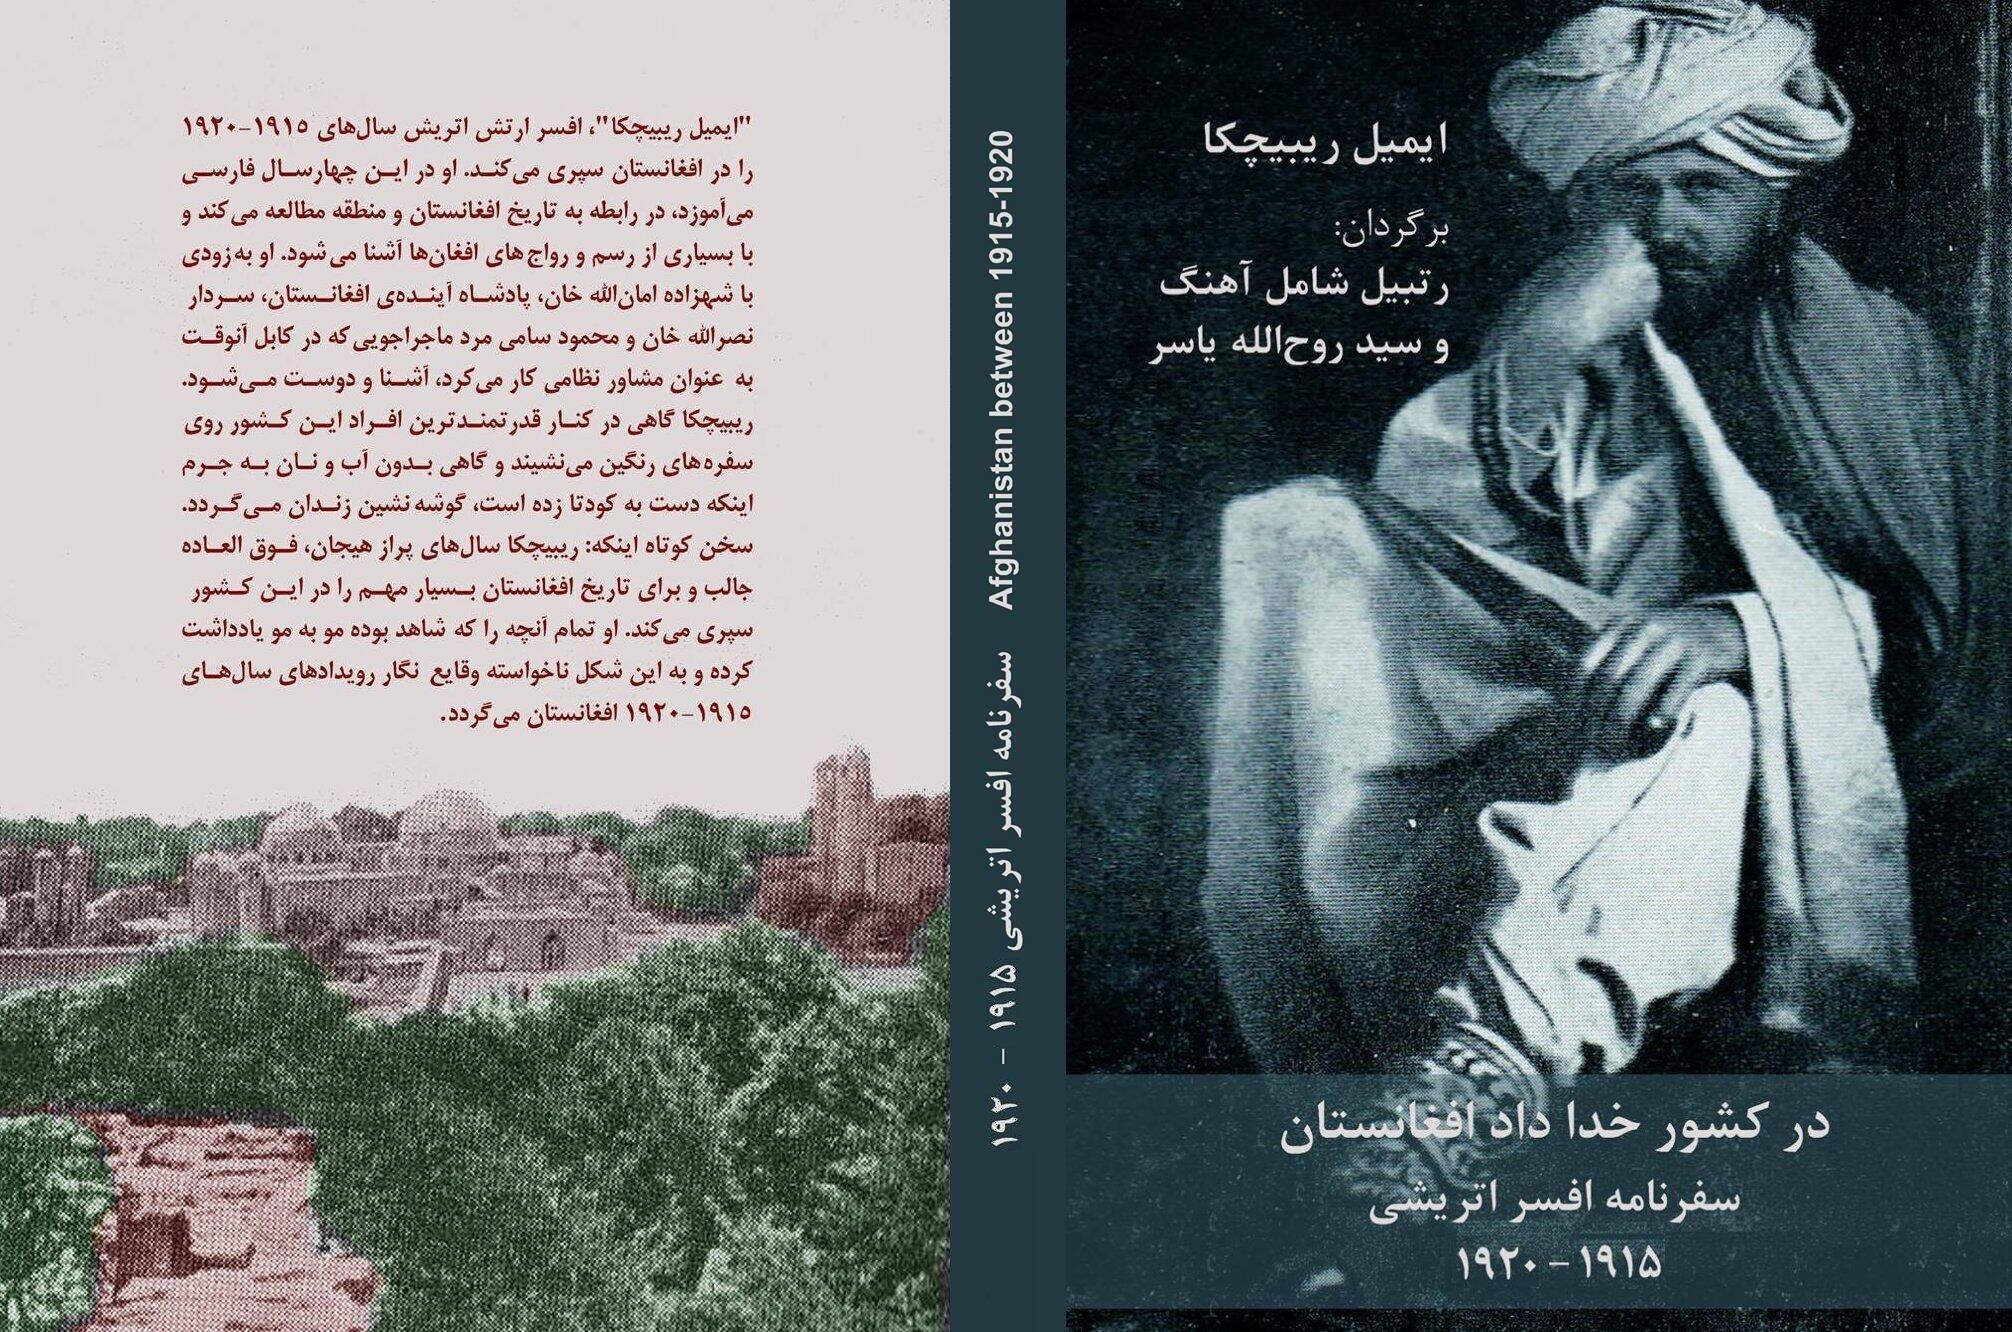 """ترجمه کتاب """" در کشور خداداد افغانستان """" را انتشارات فروغ در آلمان به بازار فرستاده."""